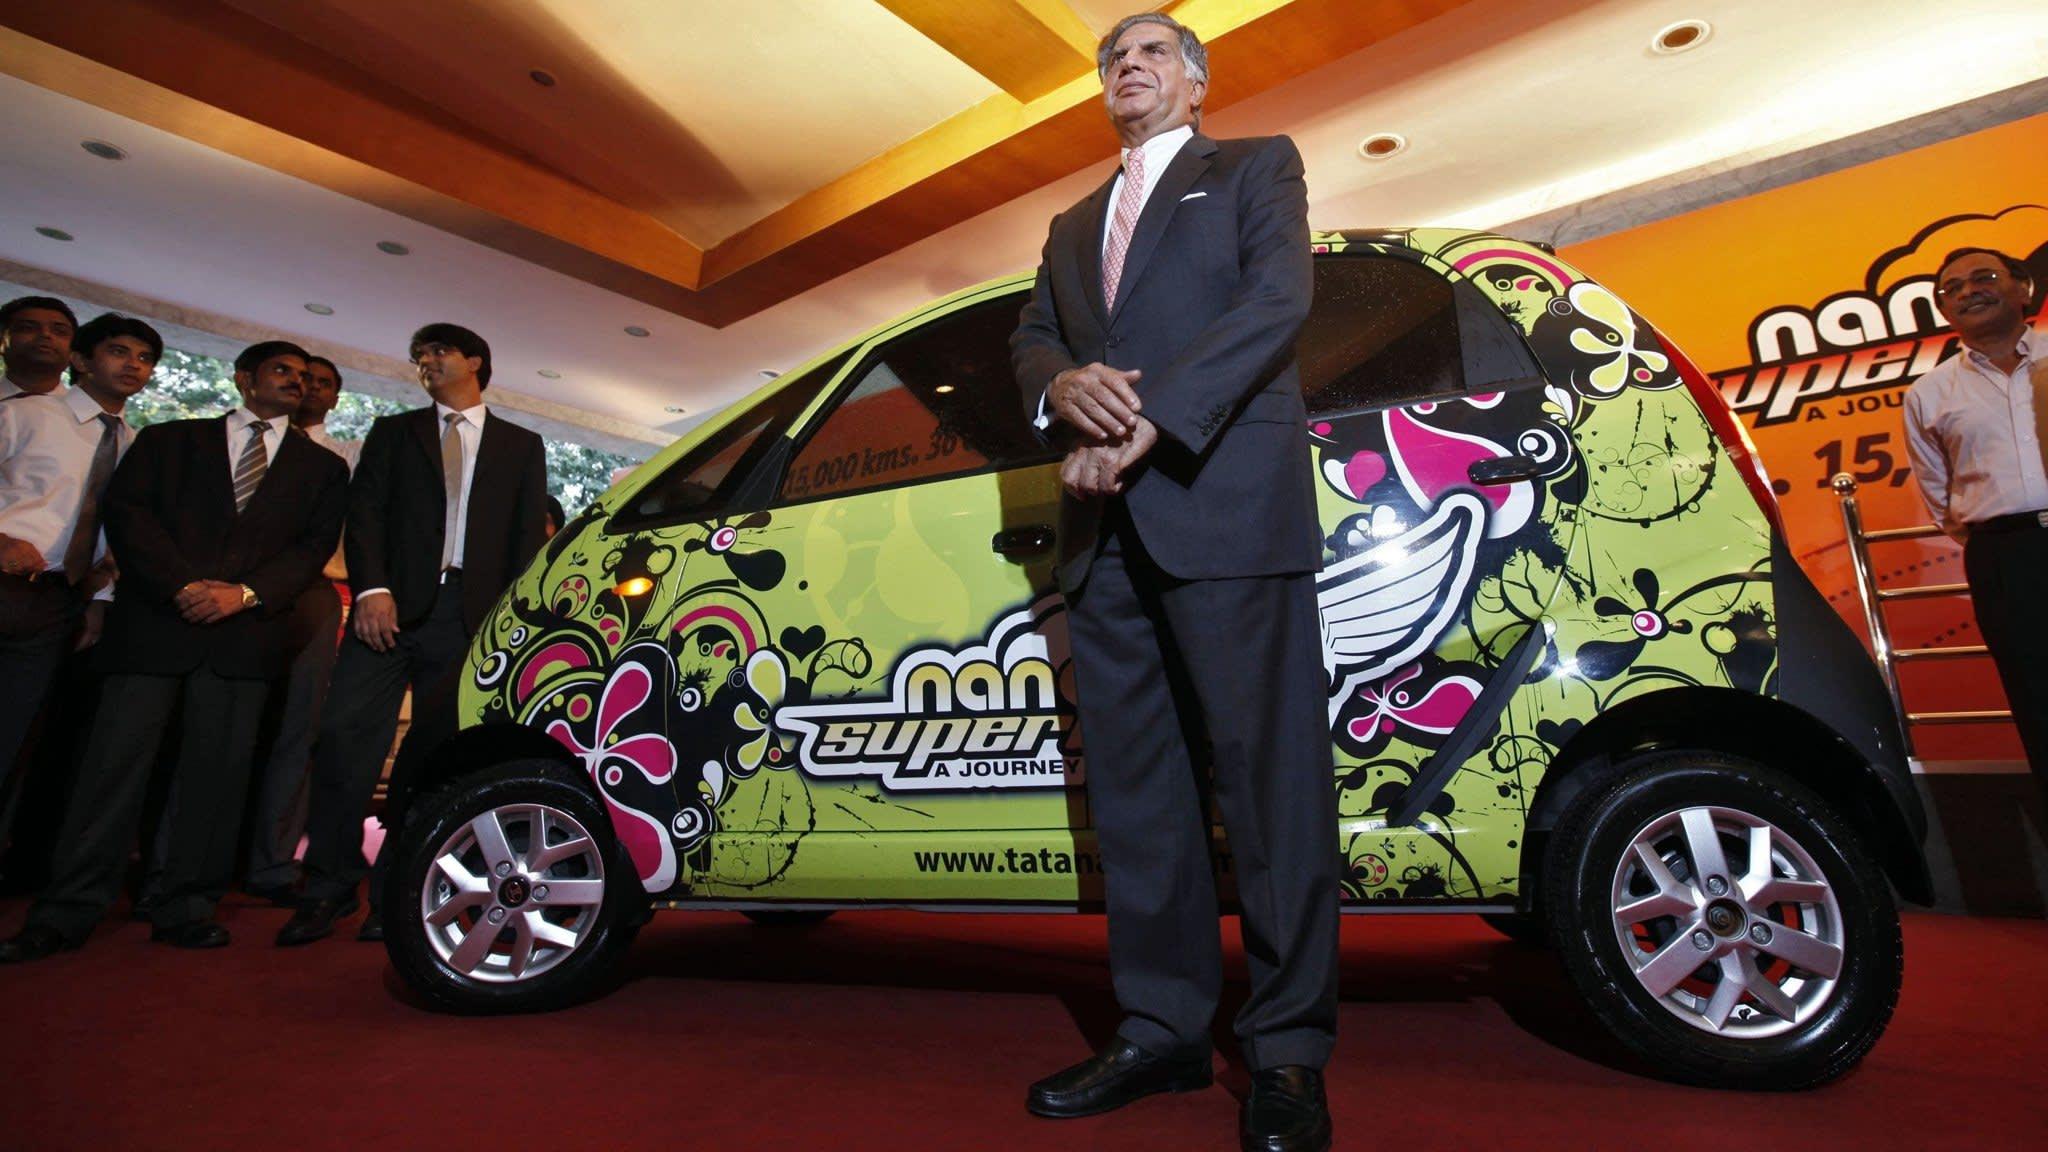 Tata Motors looks to move beyond expensive Nano failure